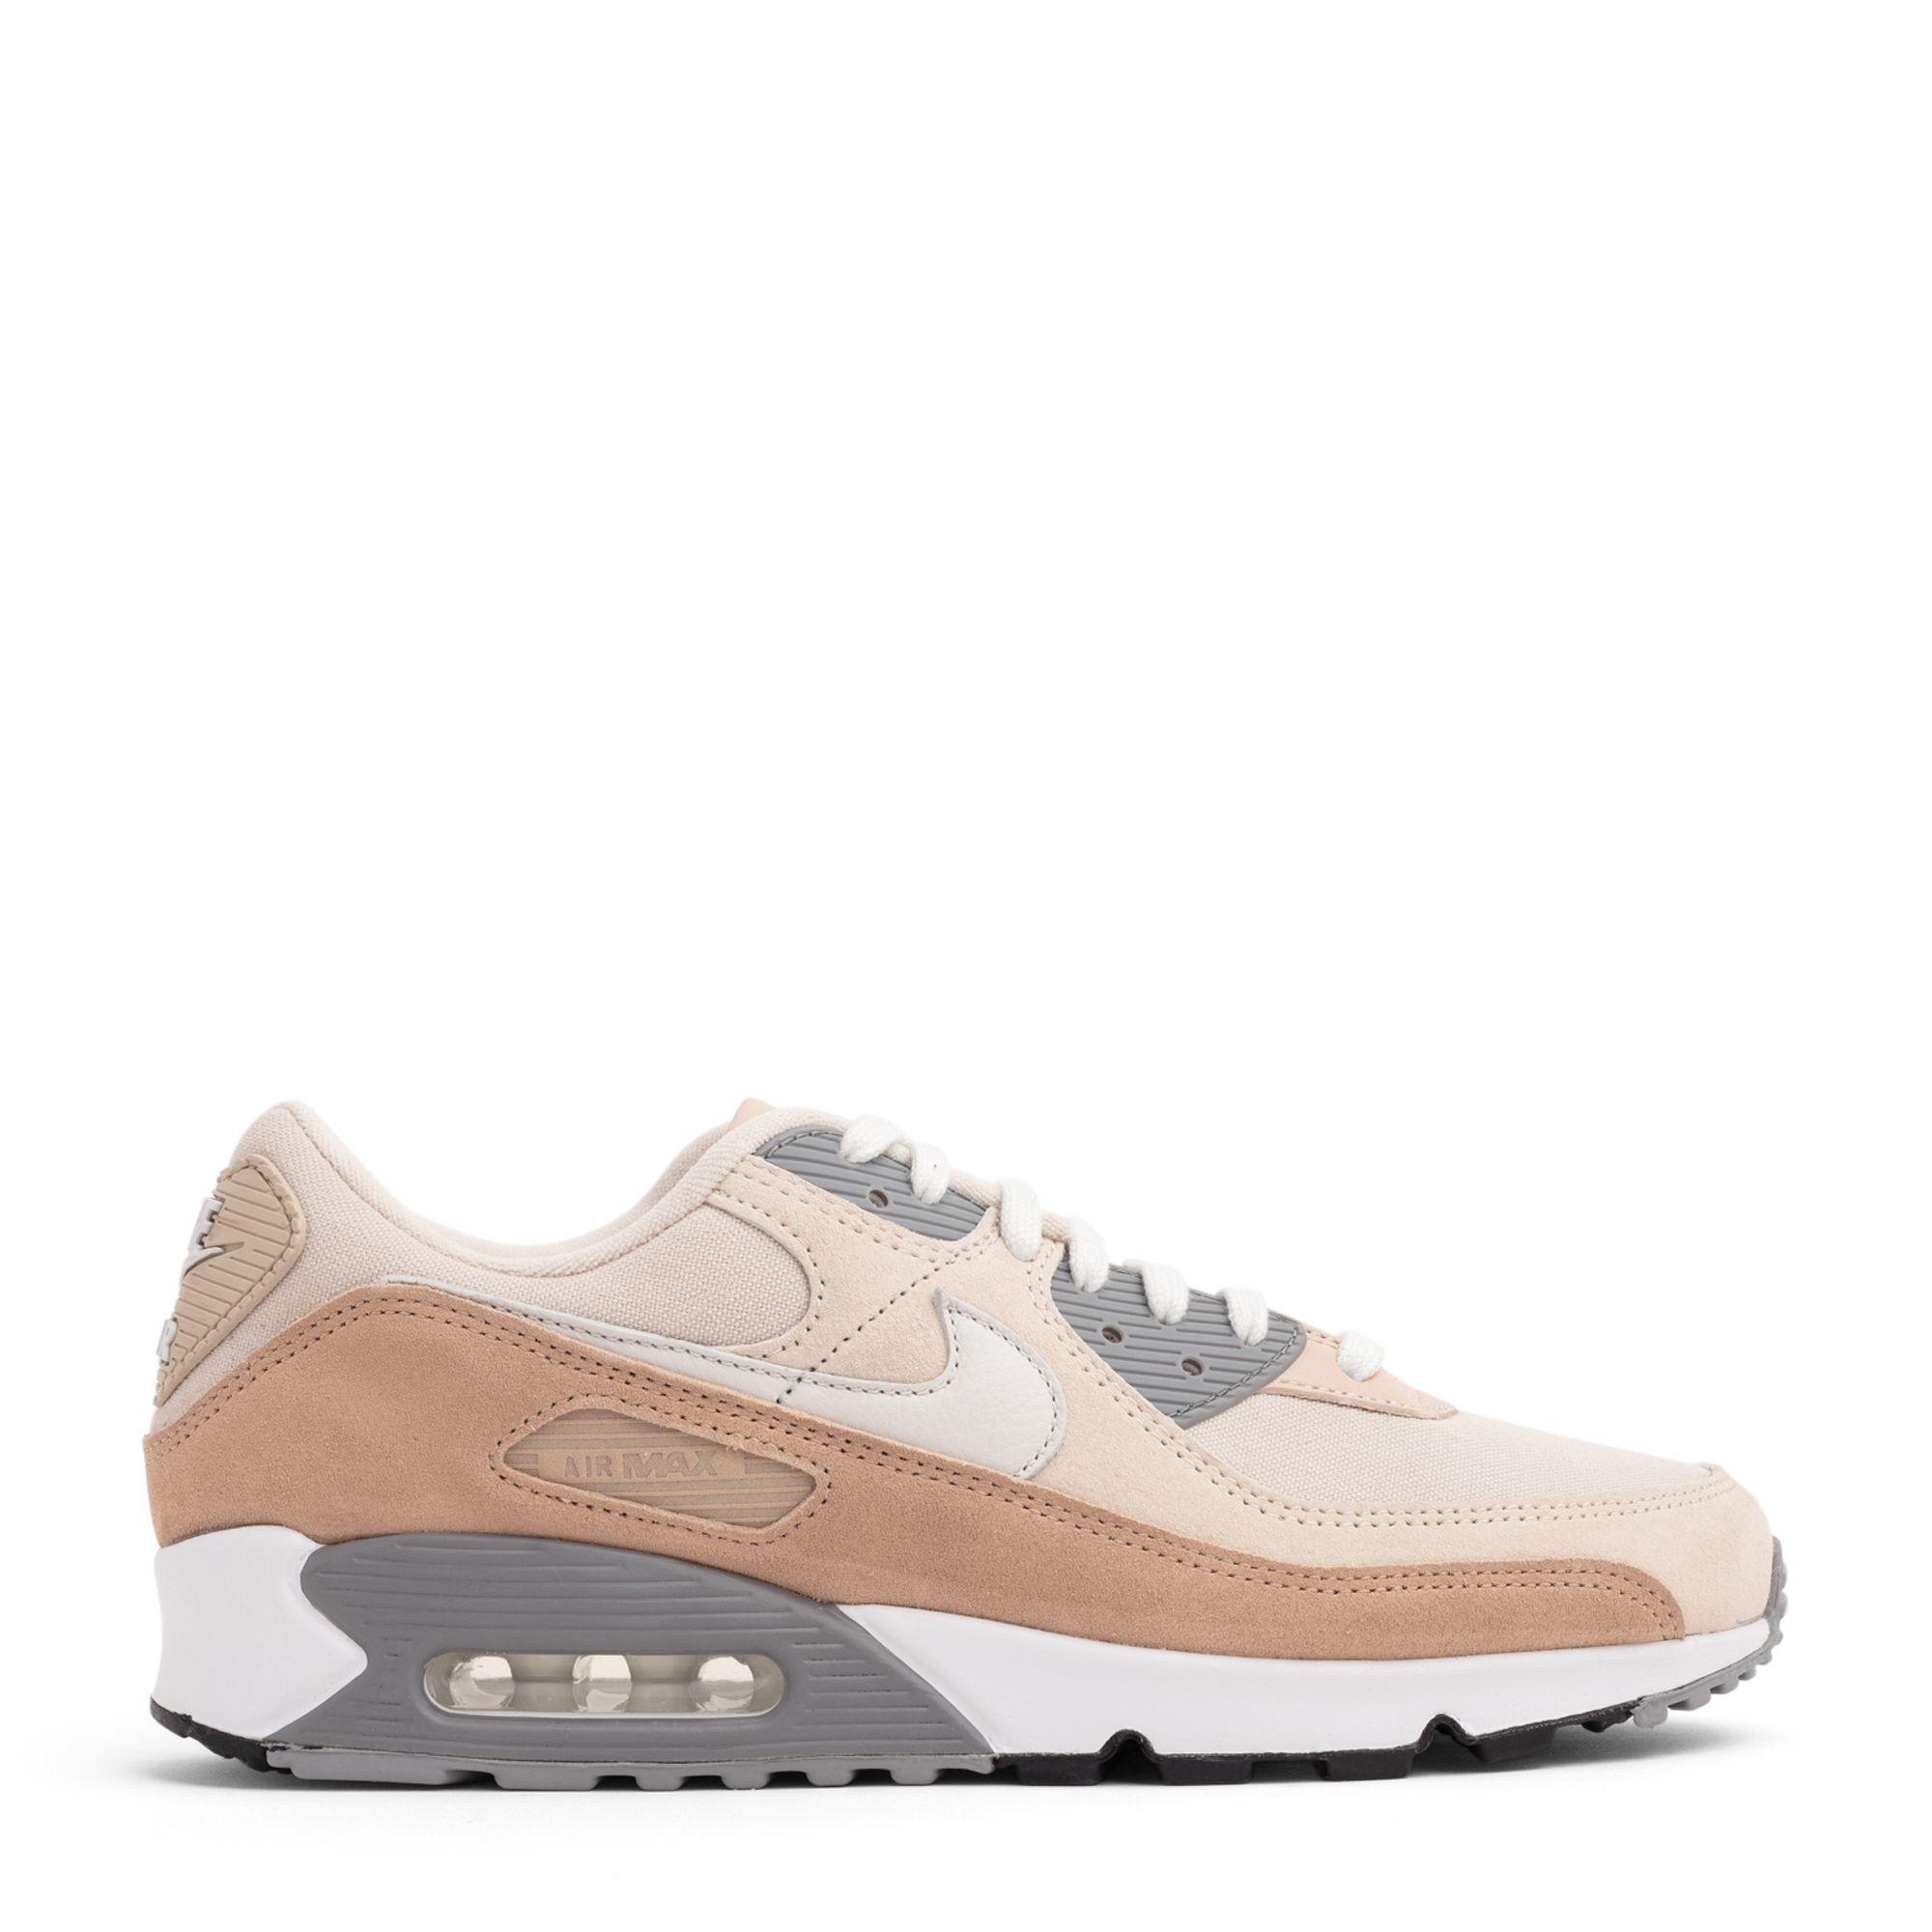 Air Max 90 Premium sneakers